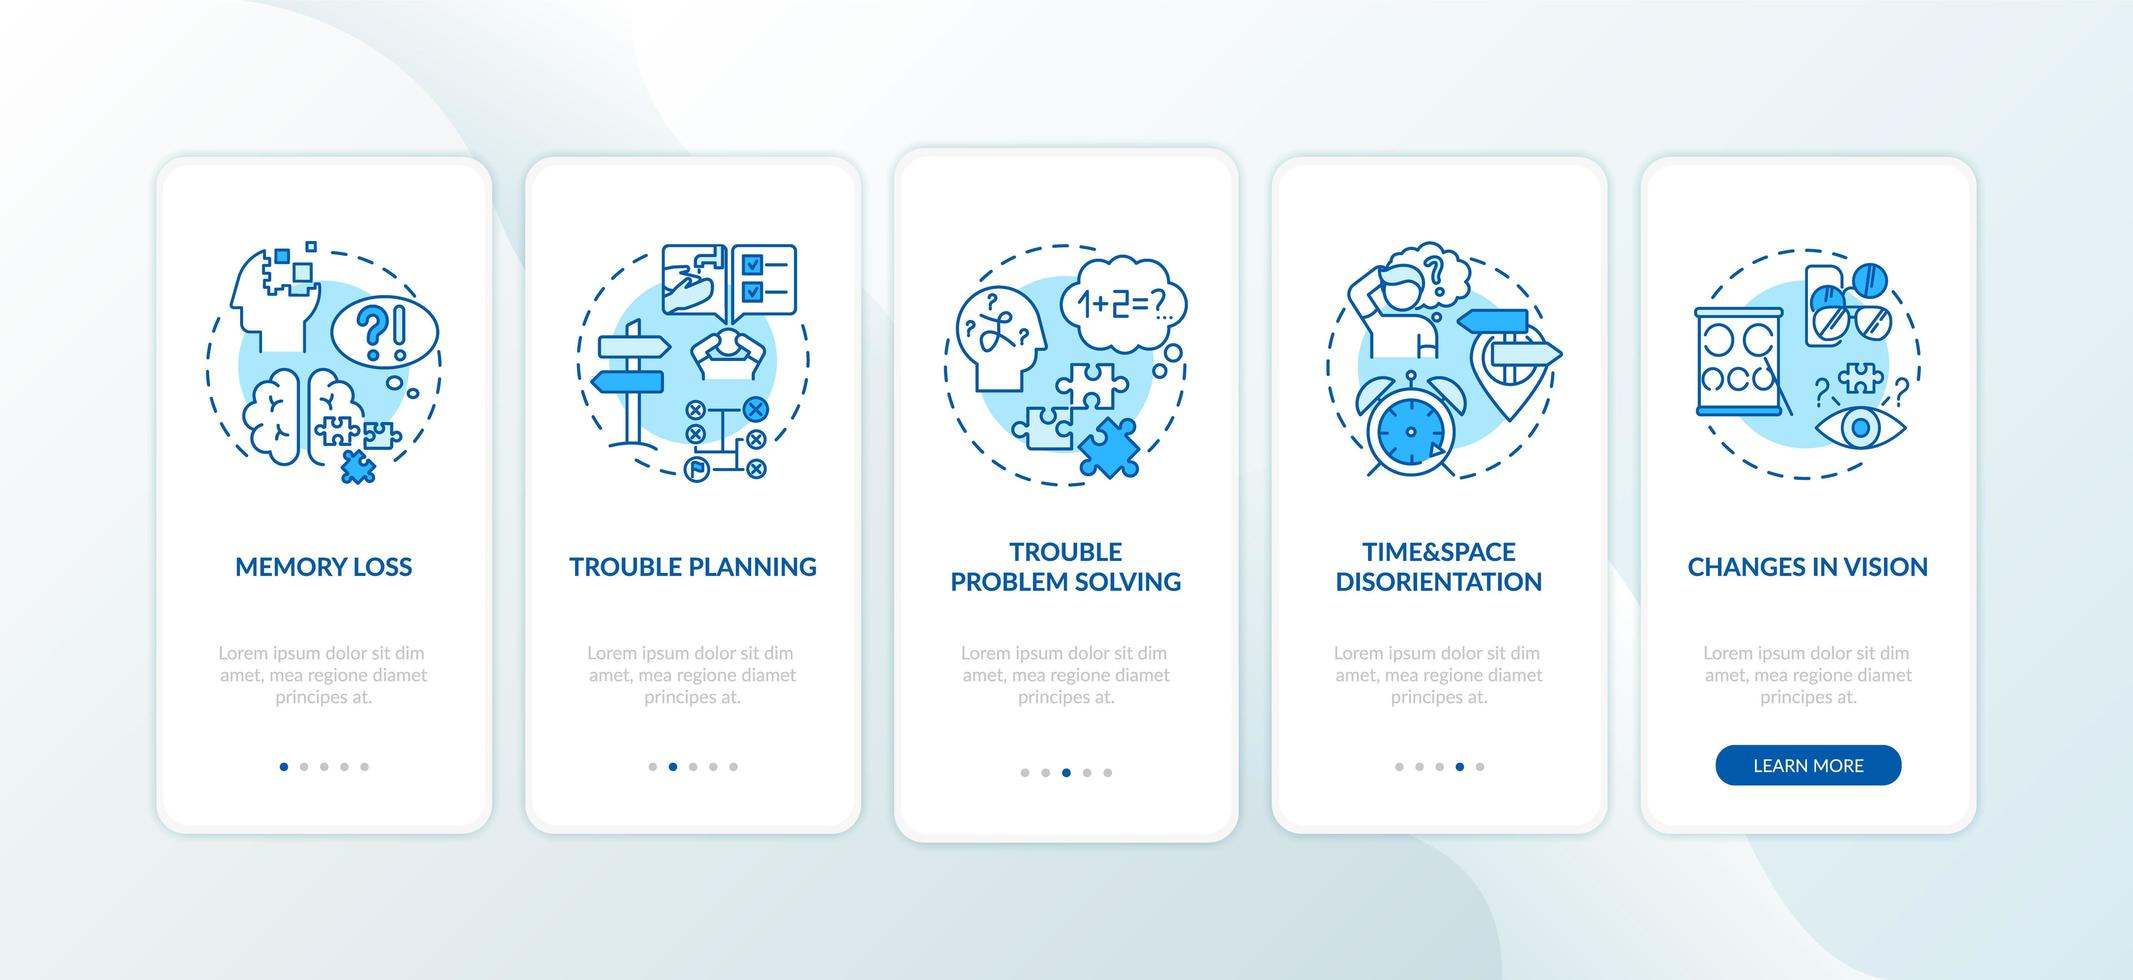 frühe Anzeichen von Demenz, Seitenbildschirme für mobile Apps vektor